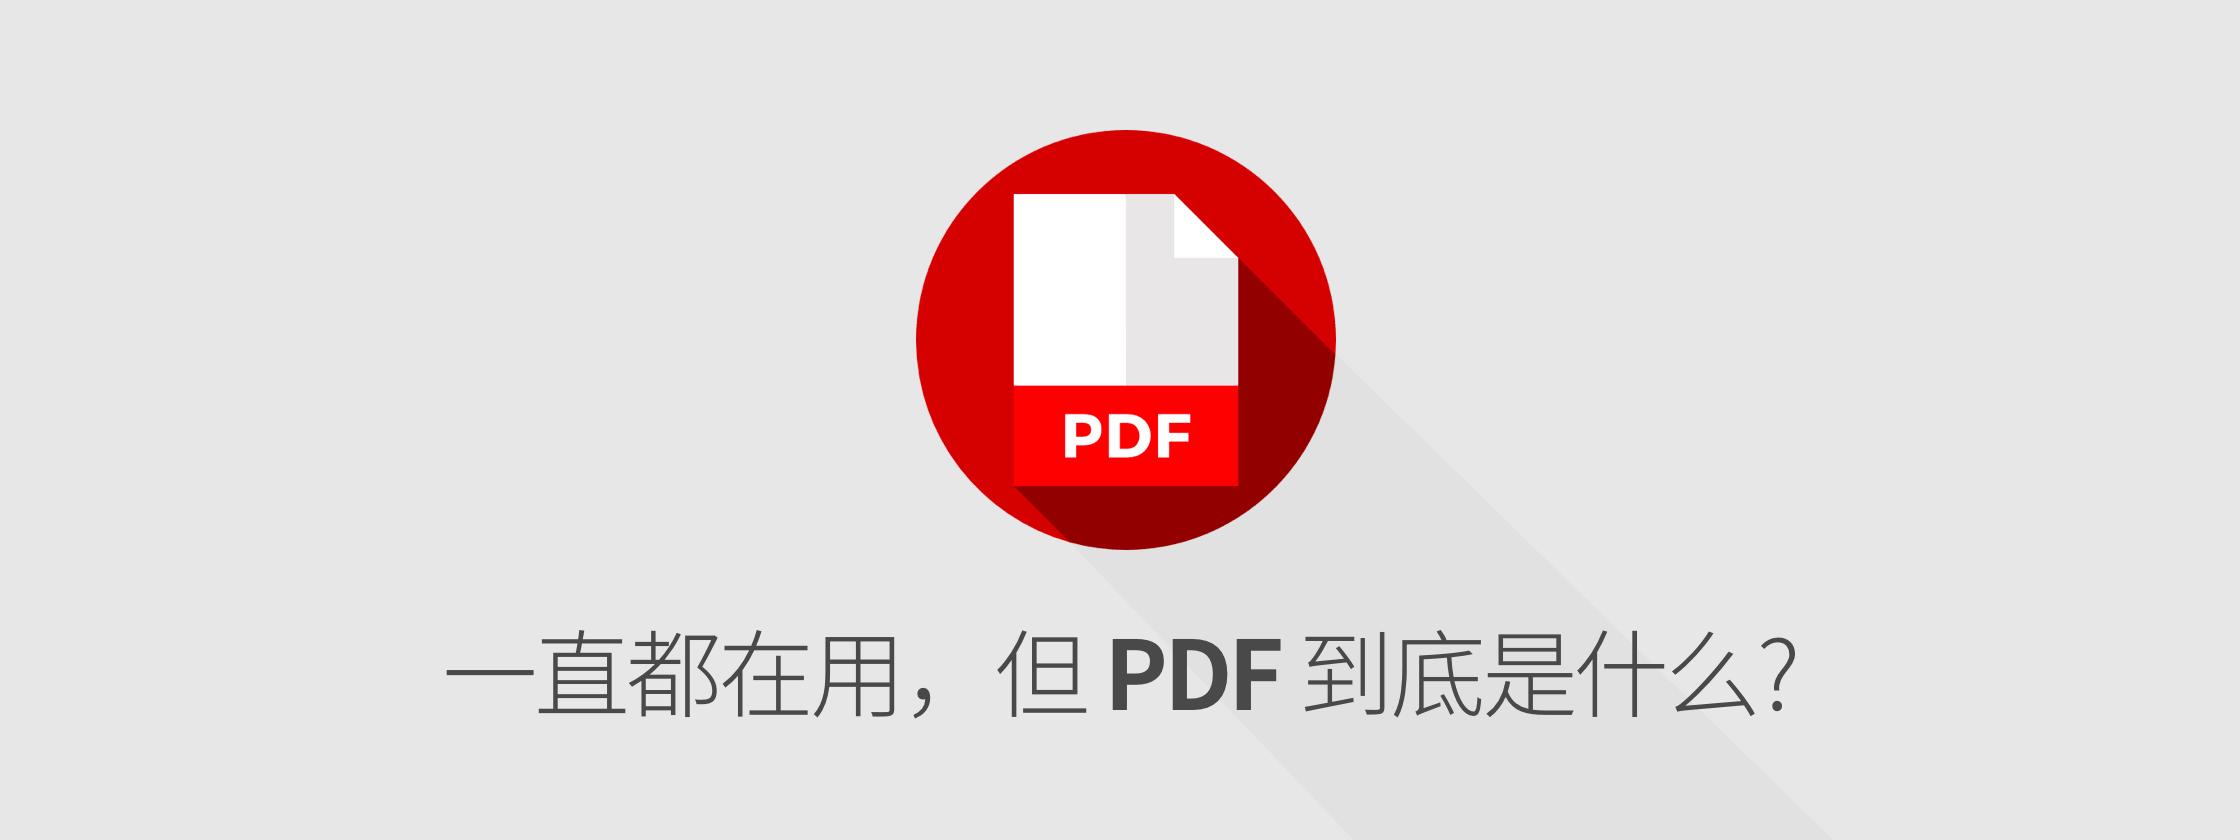 一直都在用,但 PDF 到底是什么 + 双十二活动